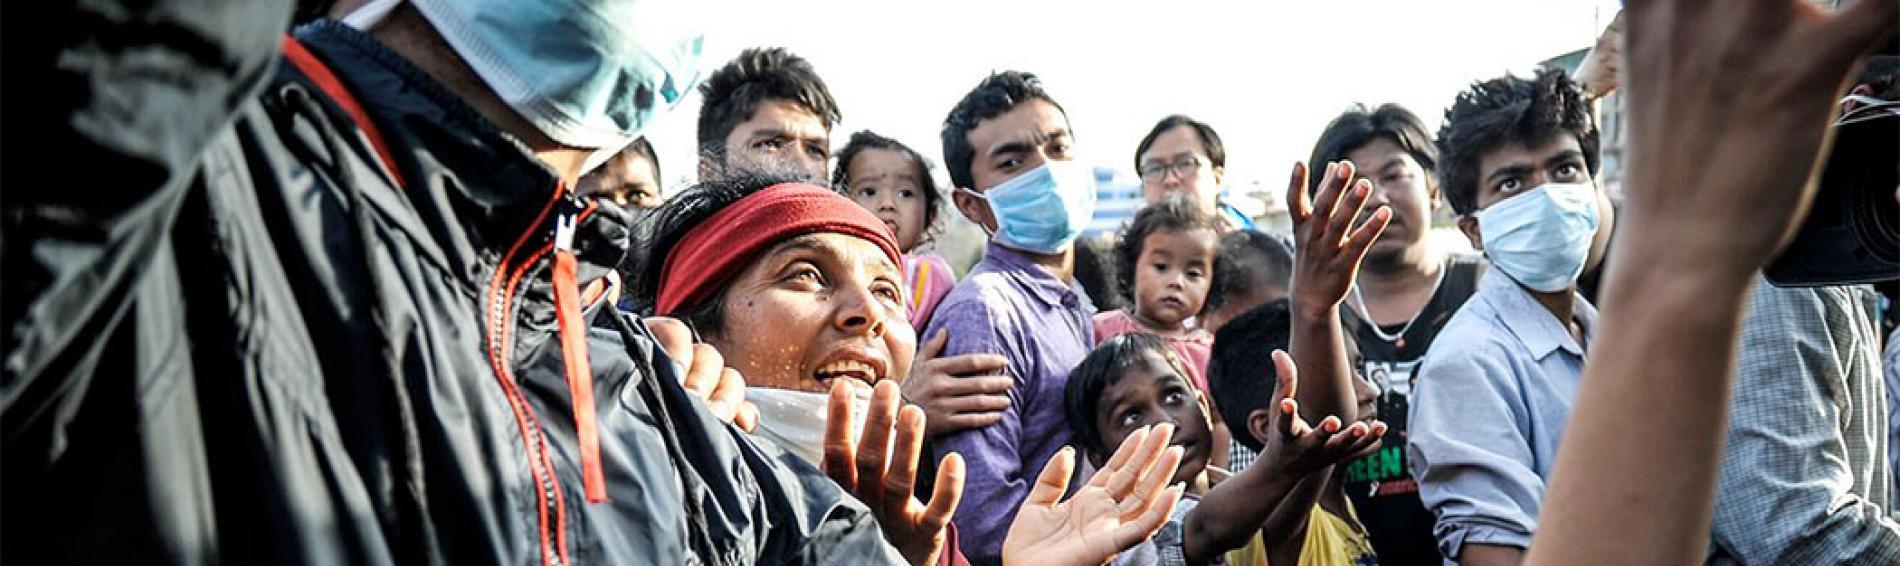 Menschen warten auf die Ausgabe von humanitärem Material. Foto: Quentin Top